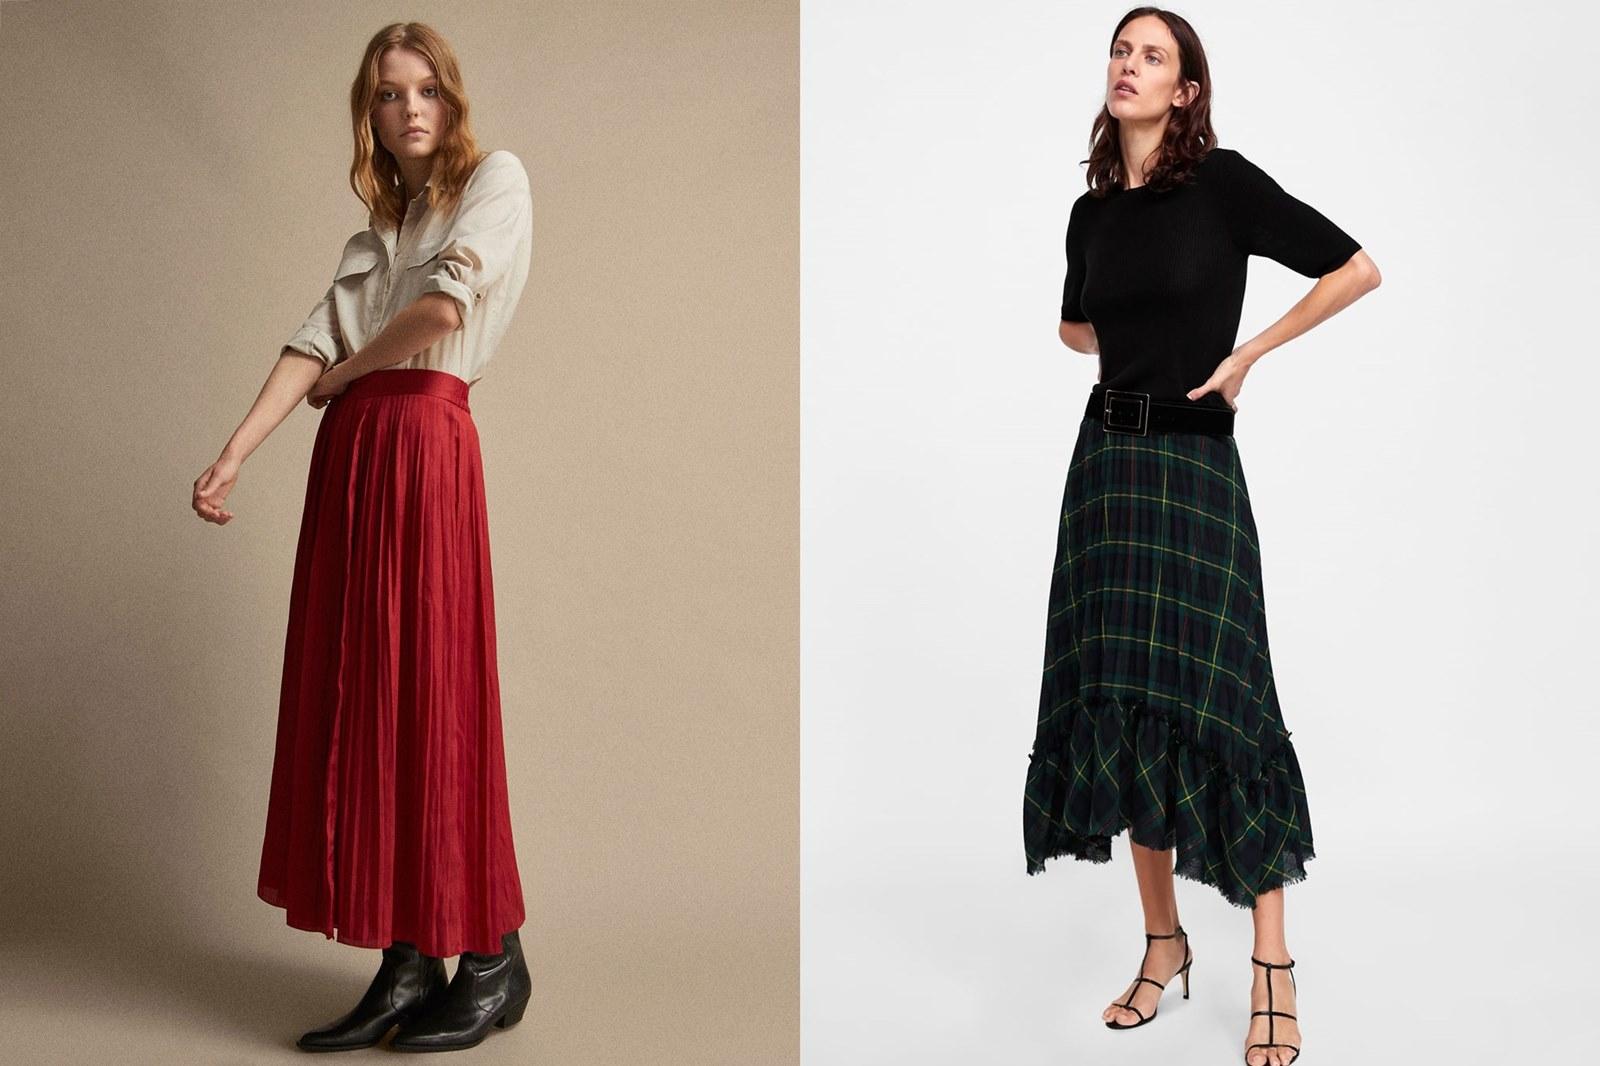 Spódnica plisowana trendy jesień/zima 2018/2019, trendy jesień/zima, jesień 218, zima 2018, spódnica plisowana, spódnice plisowane, gdzie kupić plisowane spódnice